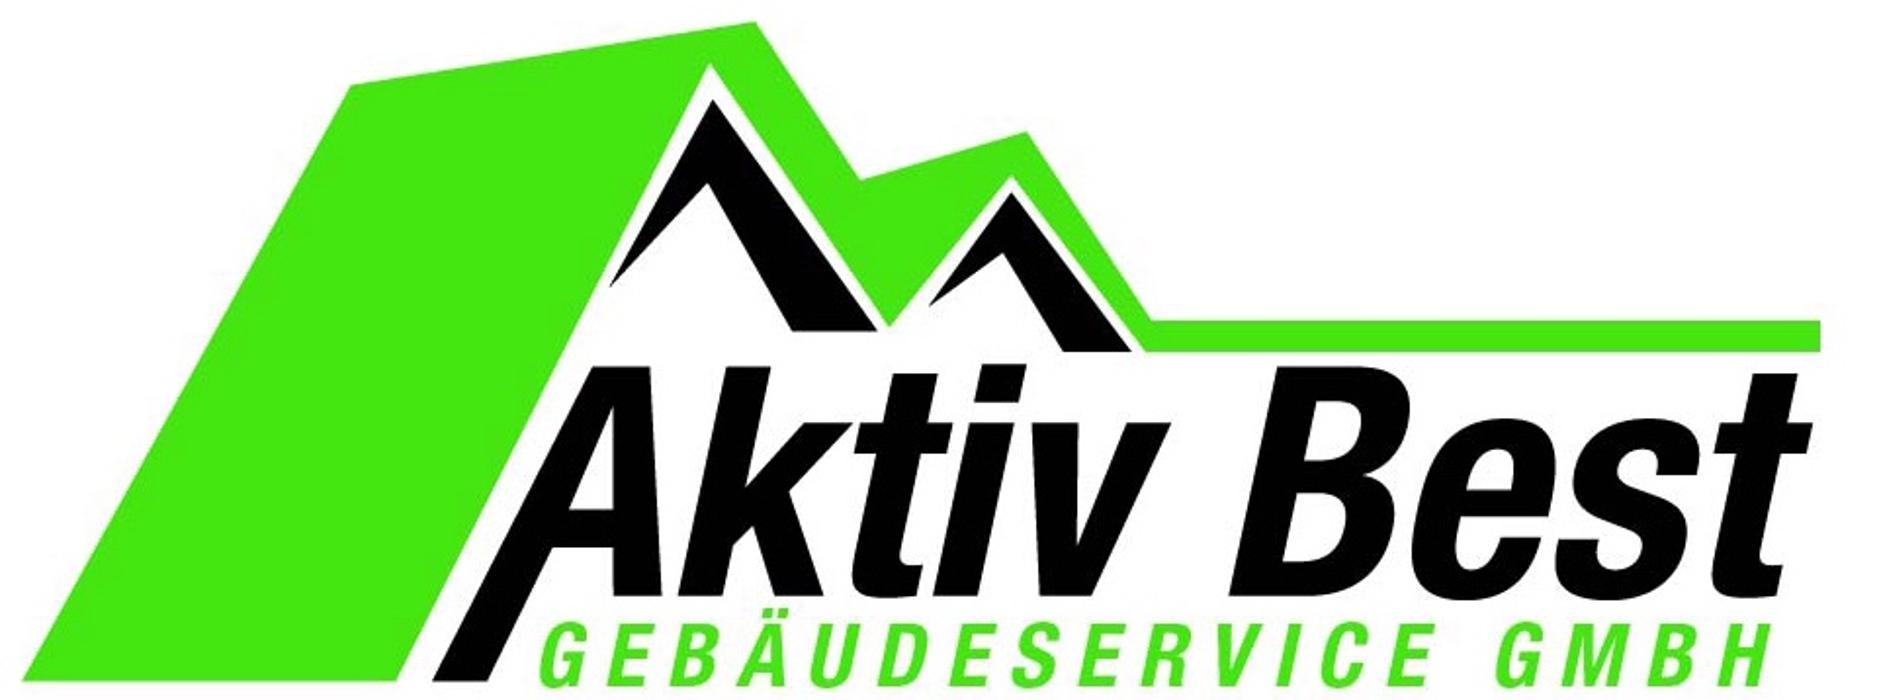 Bild zu Aktiv Best Gebäudeservice GmbH in Bietigheim Bissingen